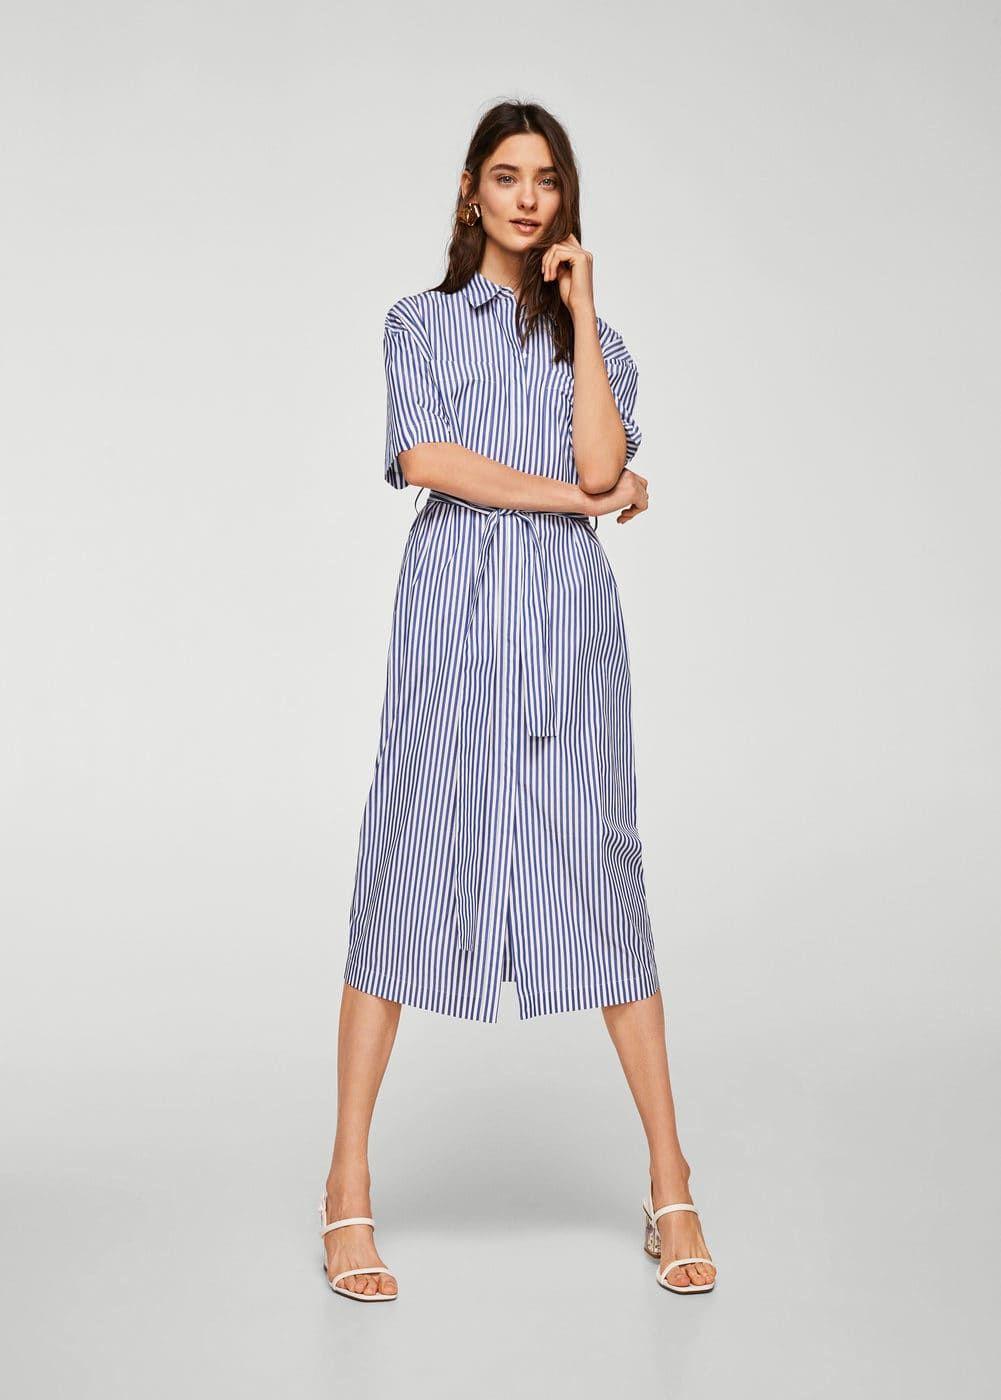 08a73d0739edd Koton gömlek elbise - Kadın | Dresses | Mango